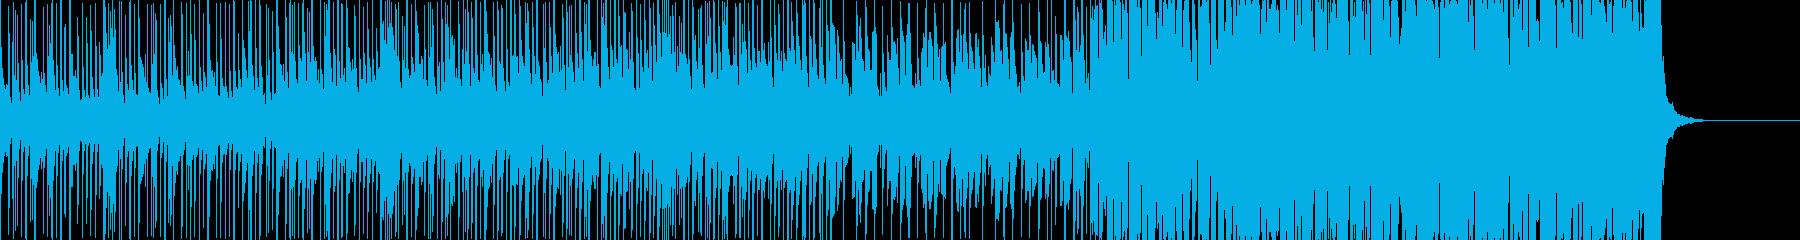 ポップだけどかっこいい曲の再生済みの波形